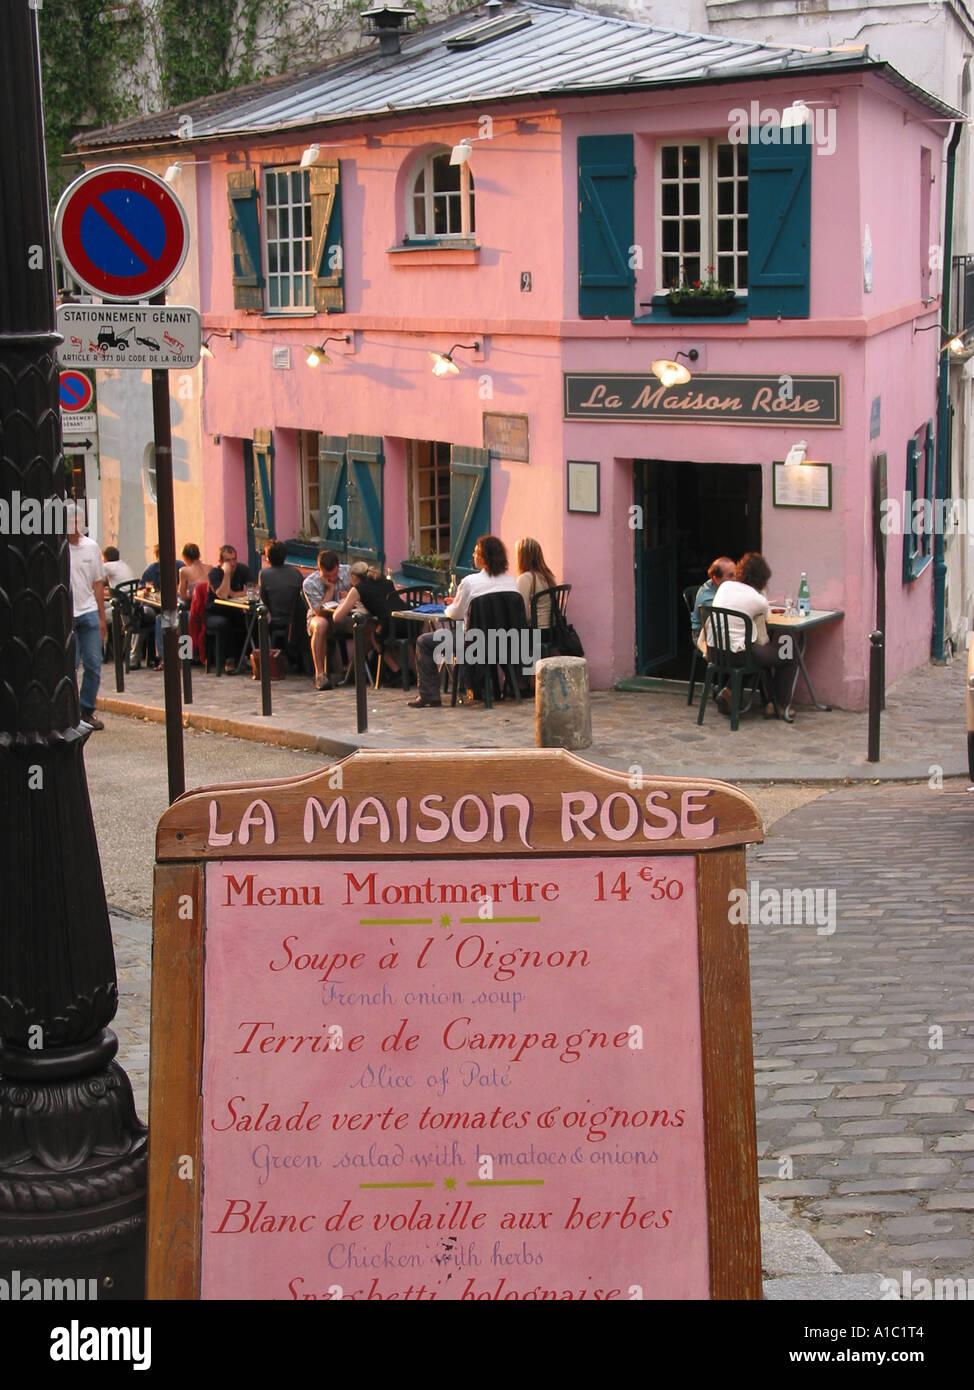 Romantic restaurant la maison rose with close up of menu